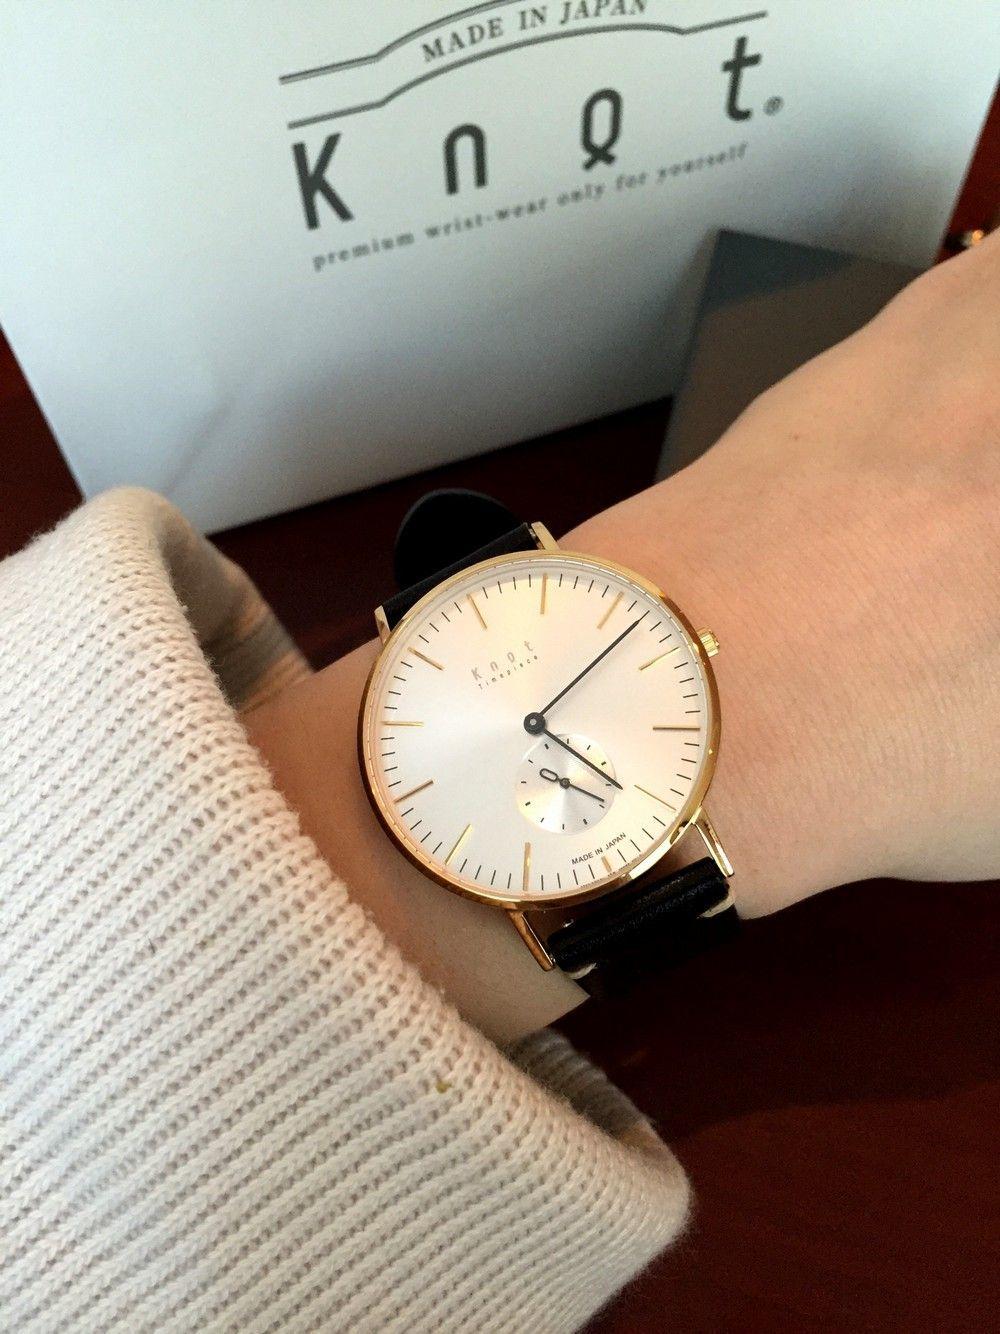 ラブラブカップルの定番!二人で身に着けたい腕時計ブランド10選の17枚目の画像